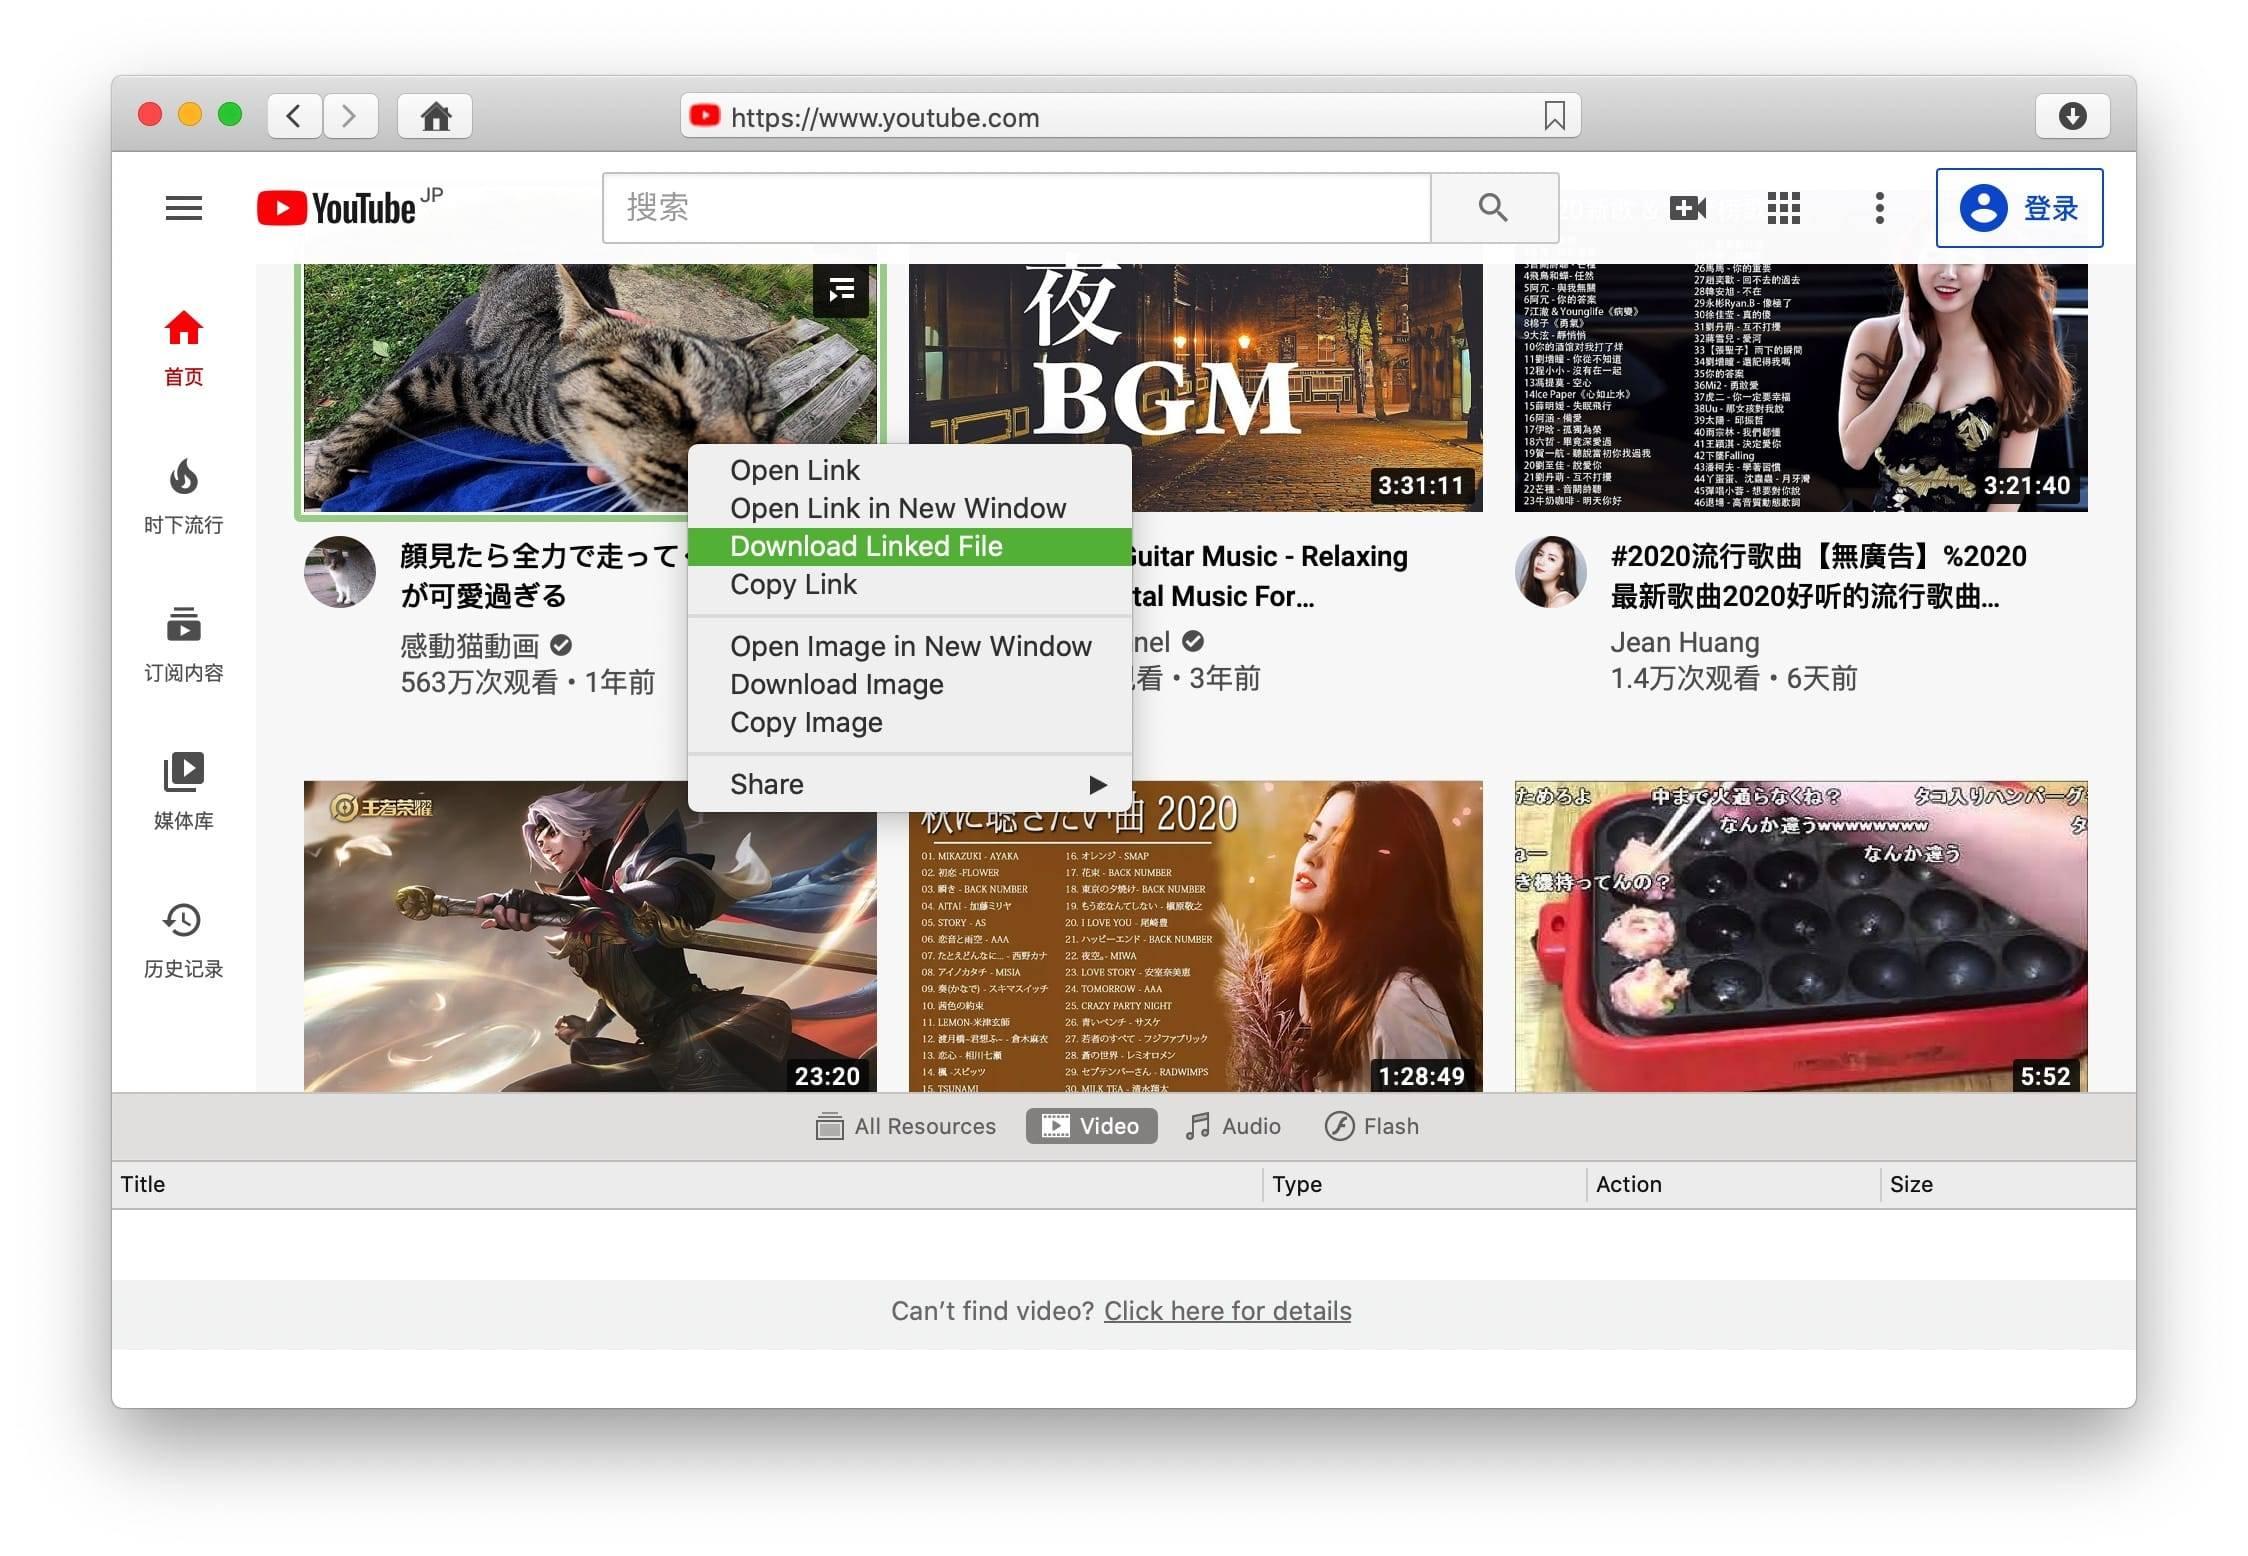 VideoDuke 1.13 (287) 破解版 很棒的视频下载工具 上传下载 第2张